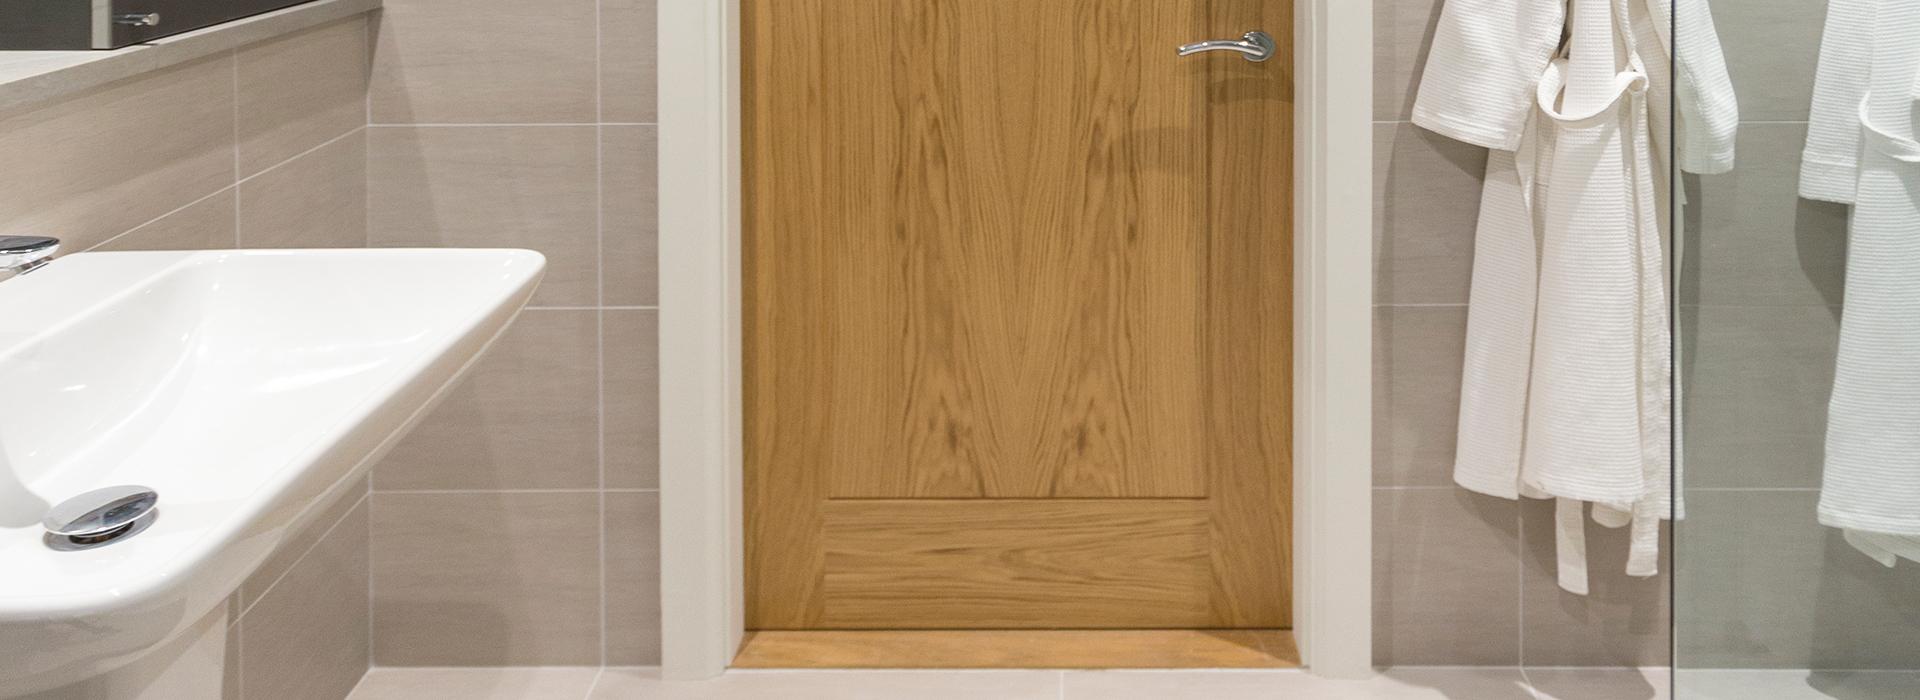 Oak ensuite door